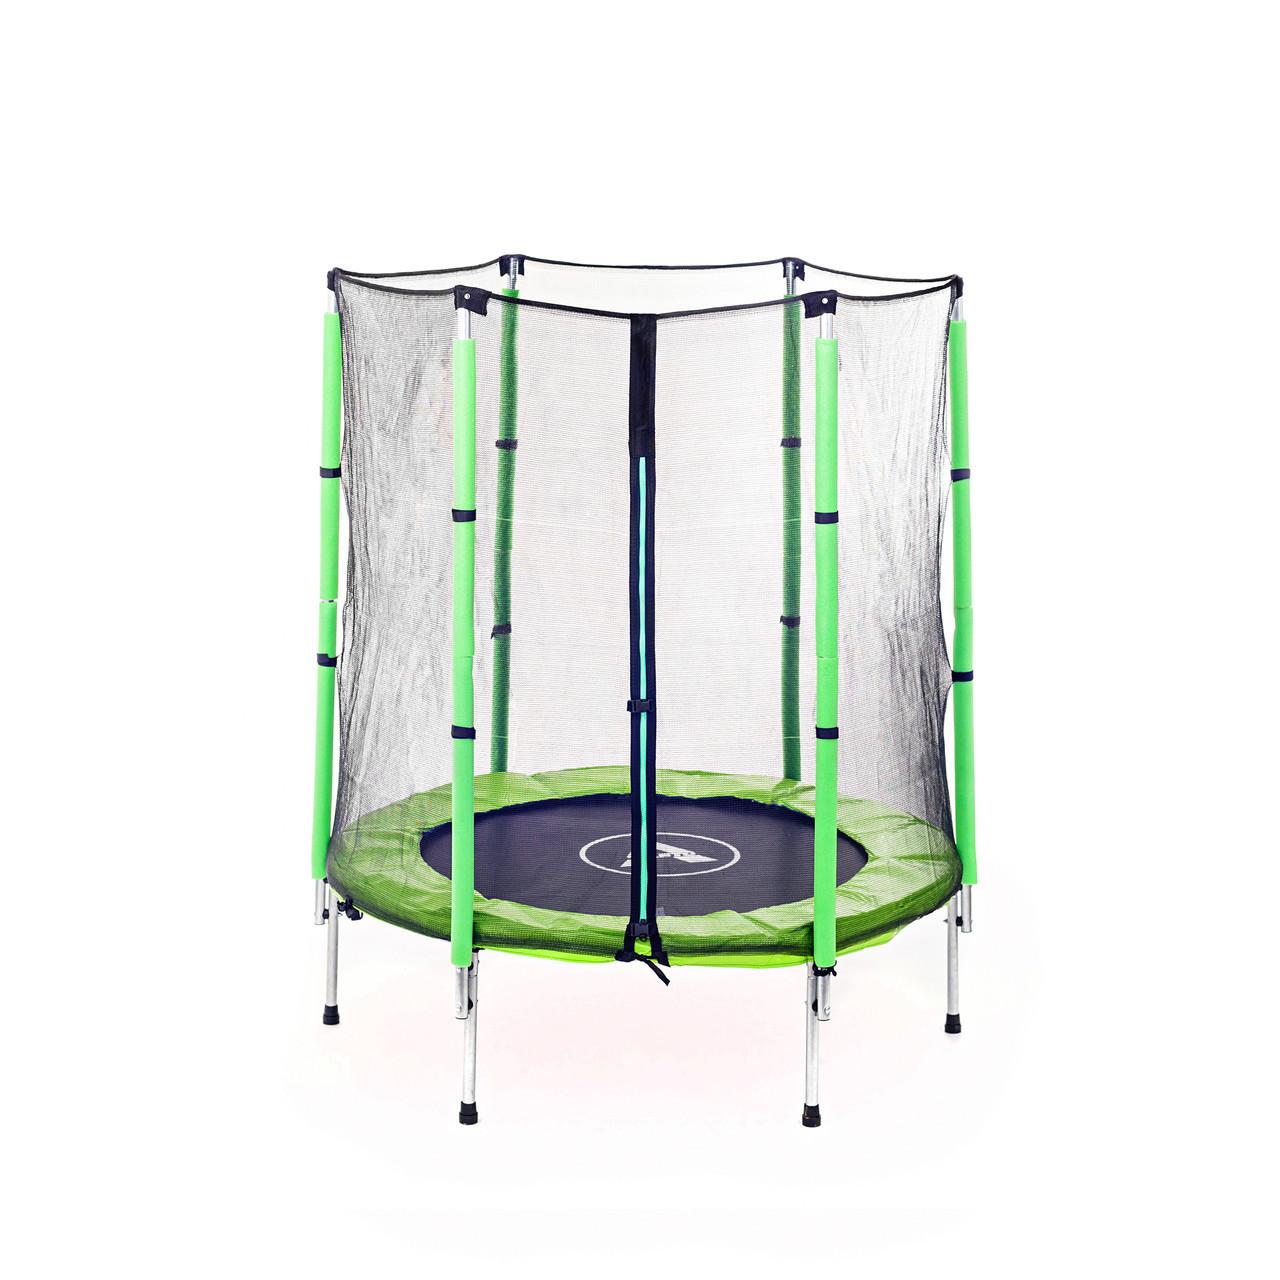 Батут Atleto 140 см с сеткой Зеленый (Спортивный батут)